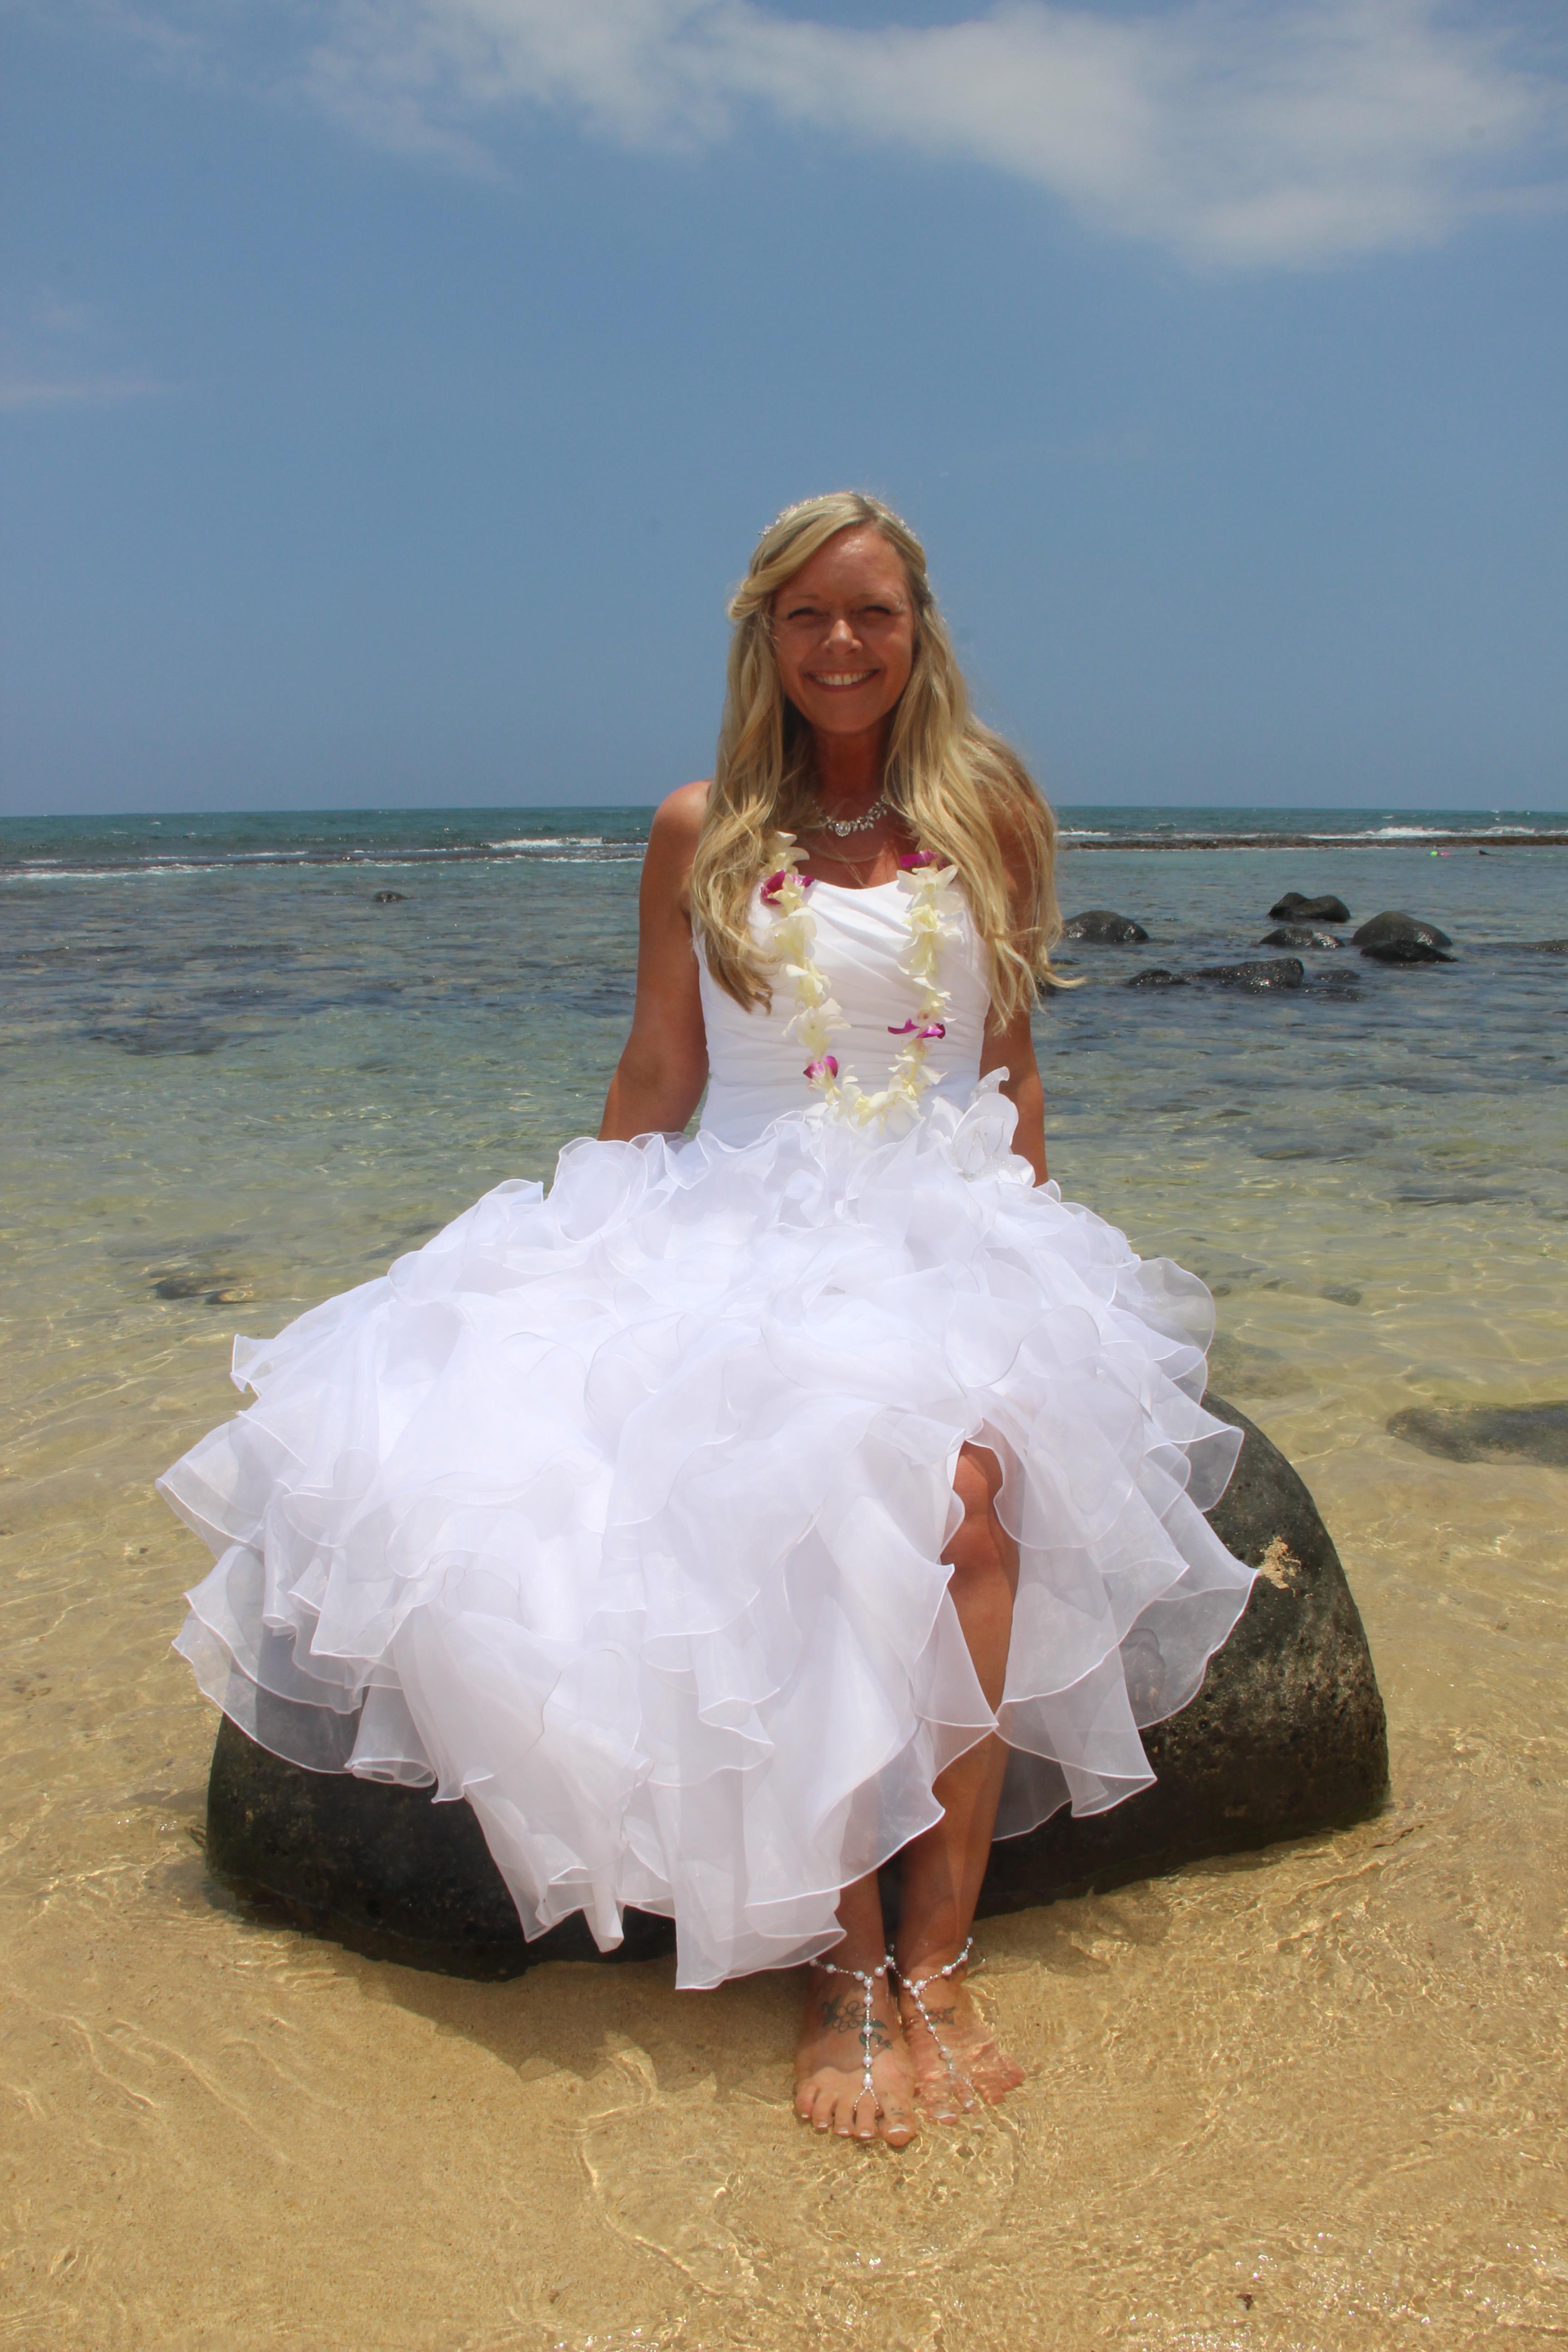 Maui Vow Renewals Barefoot Maui Wedding Trash the Dress photo of ...